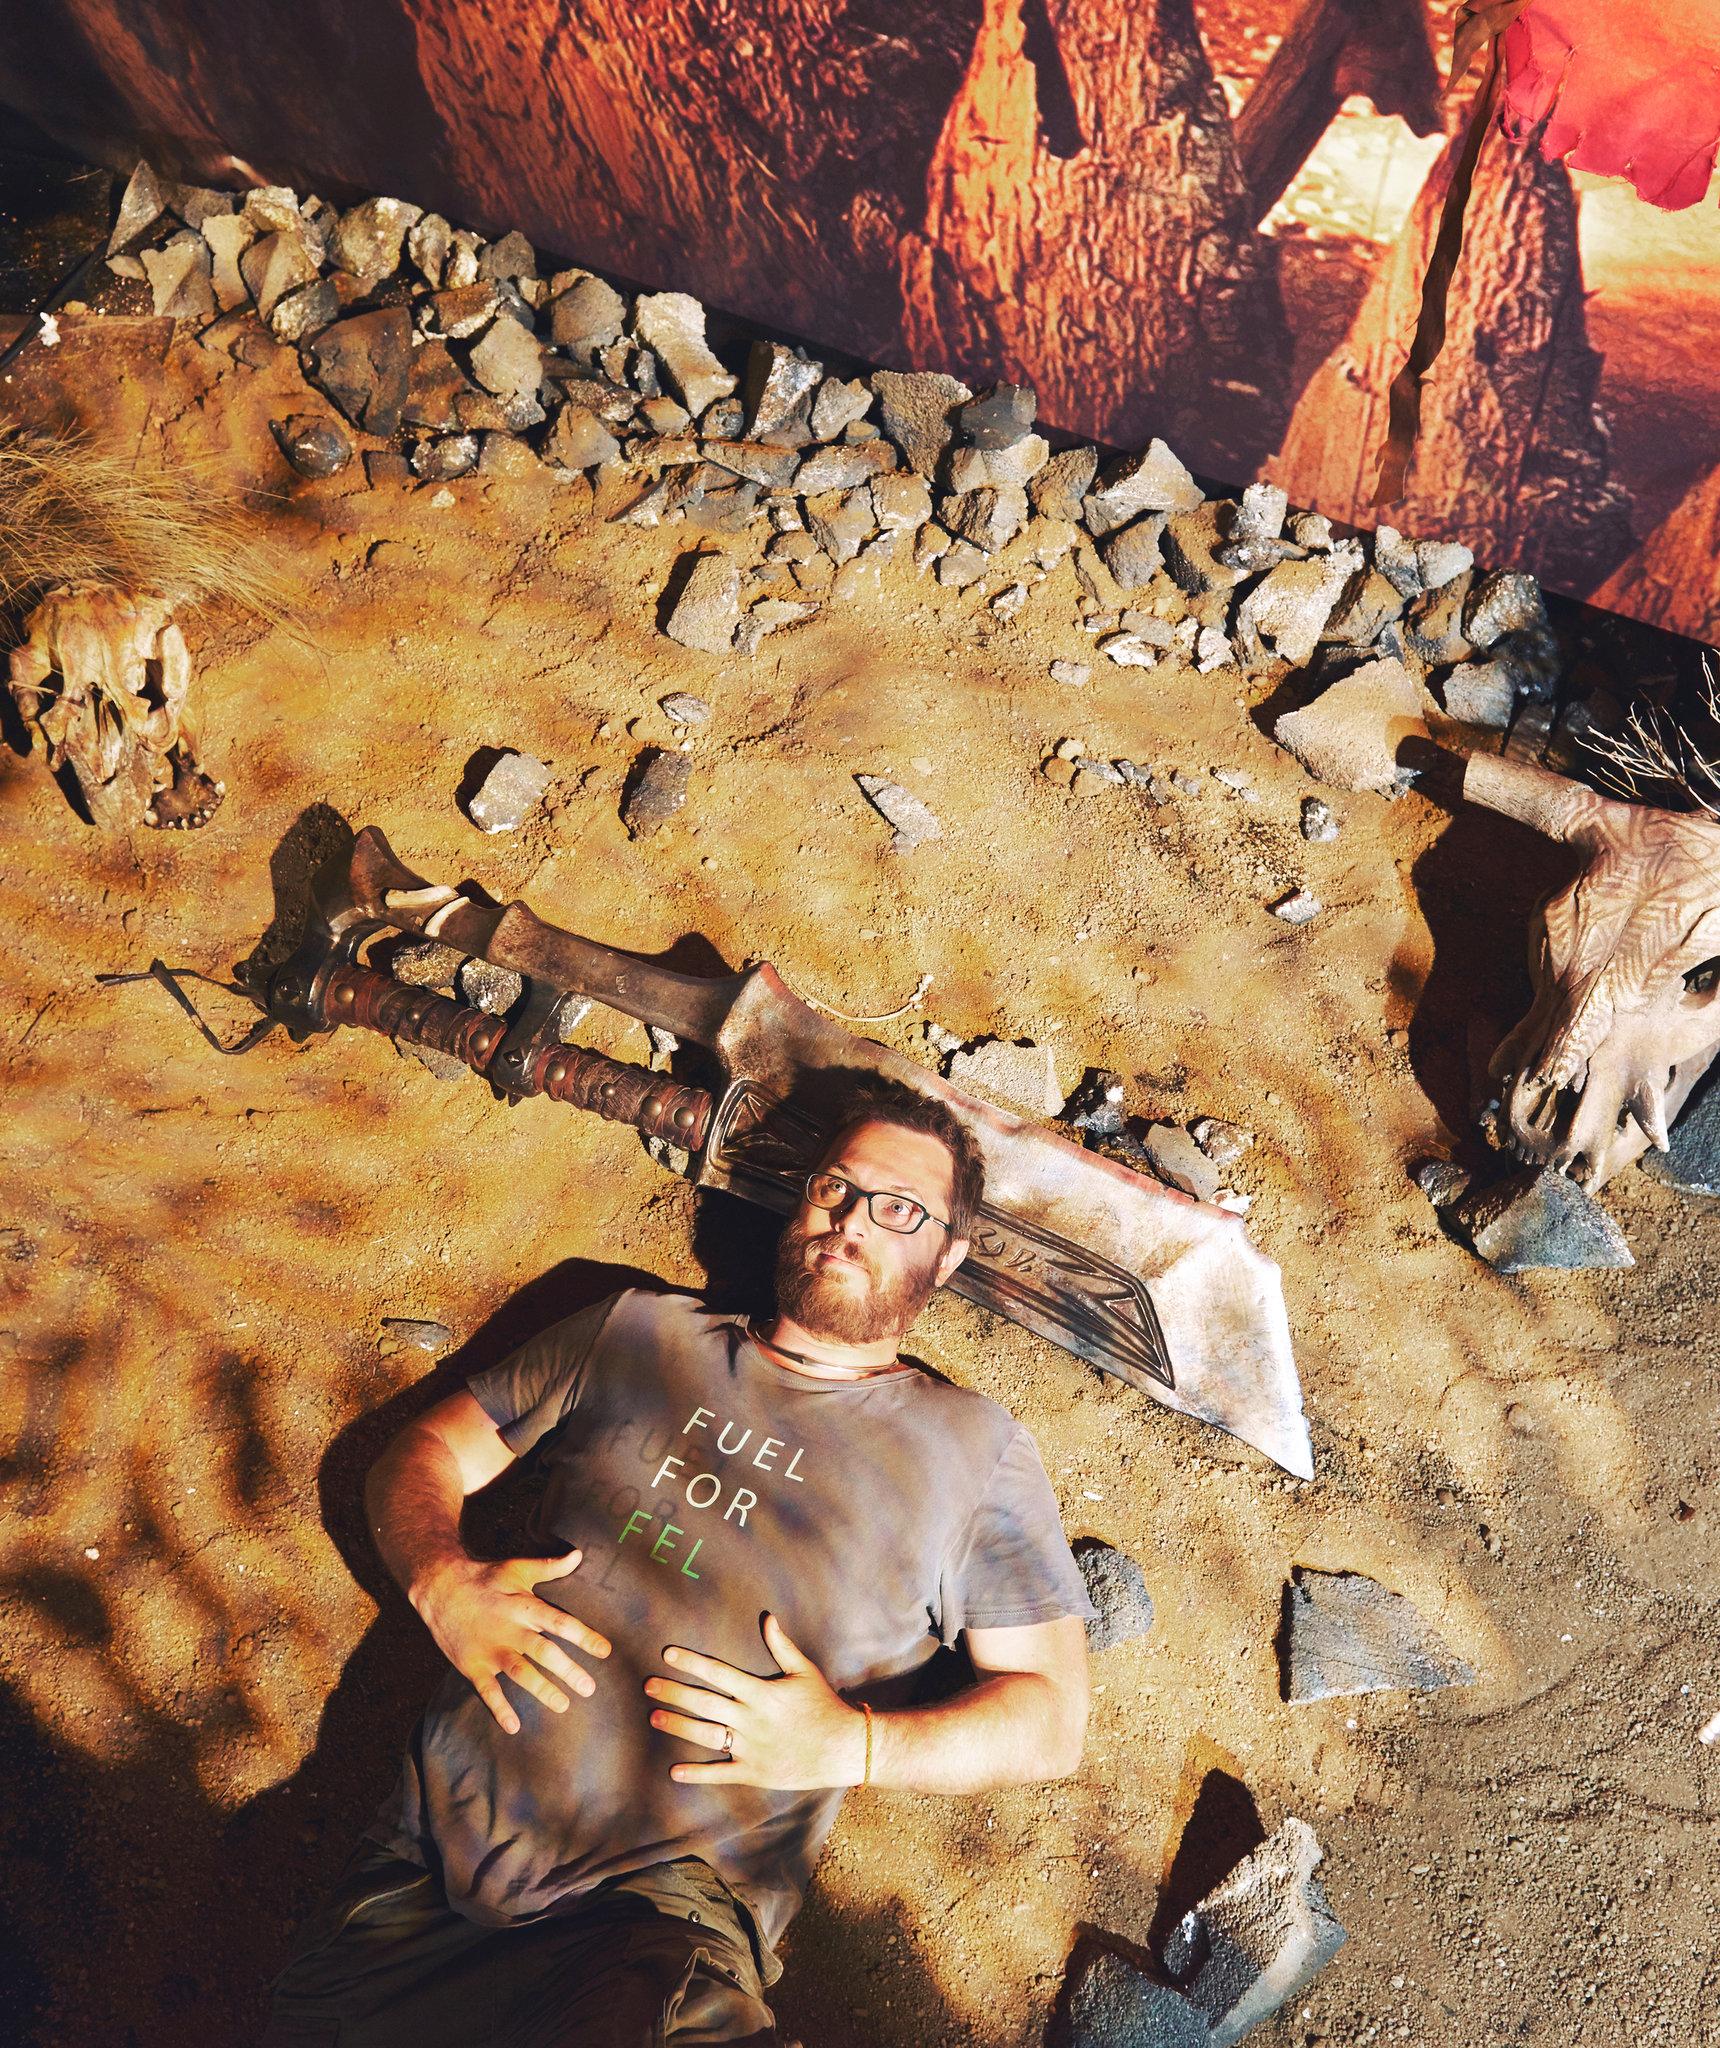 《魔兽》是琼斯目前为止指导得最艰辛的电影 来源:《纽约时报》, Jake Michaels